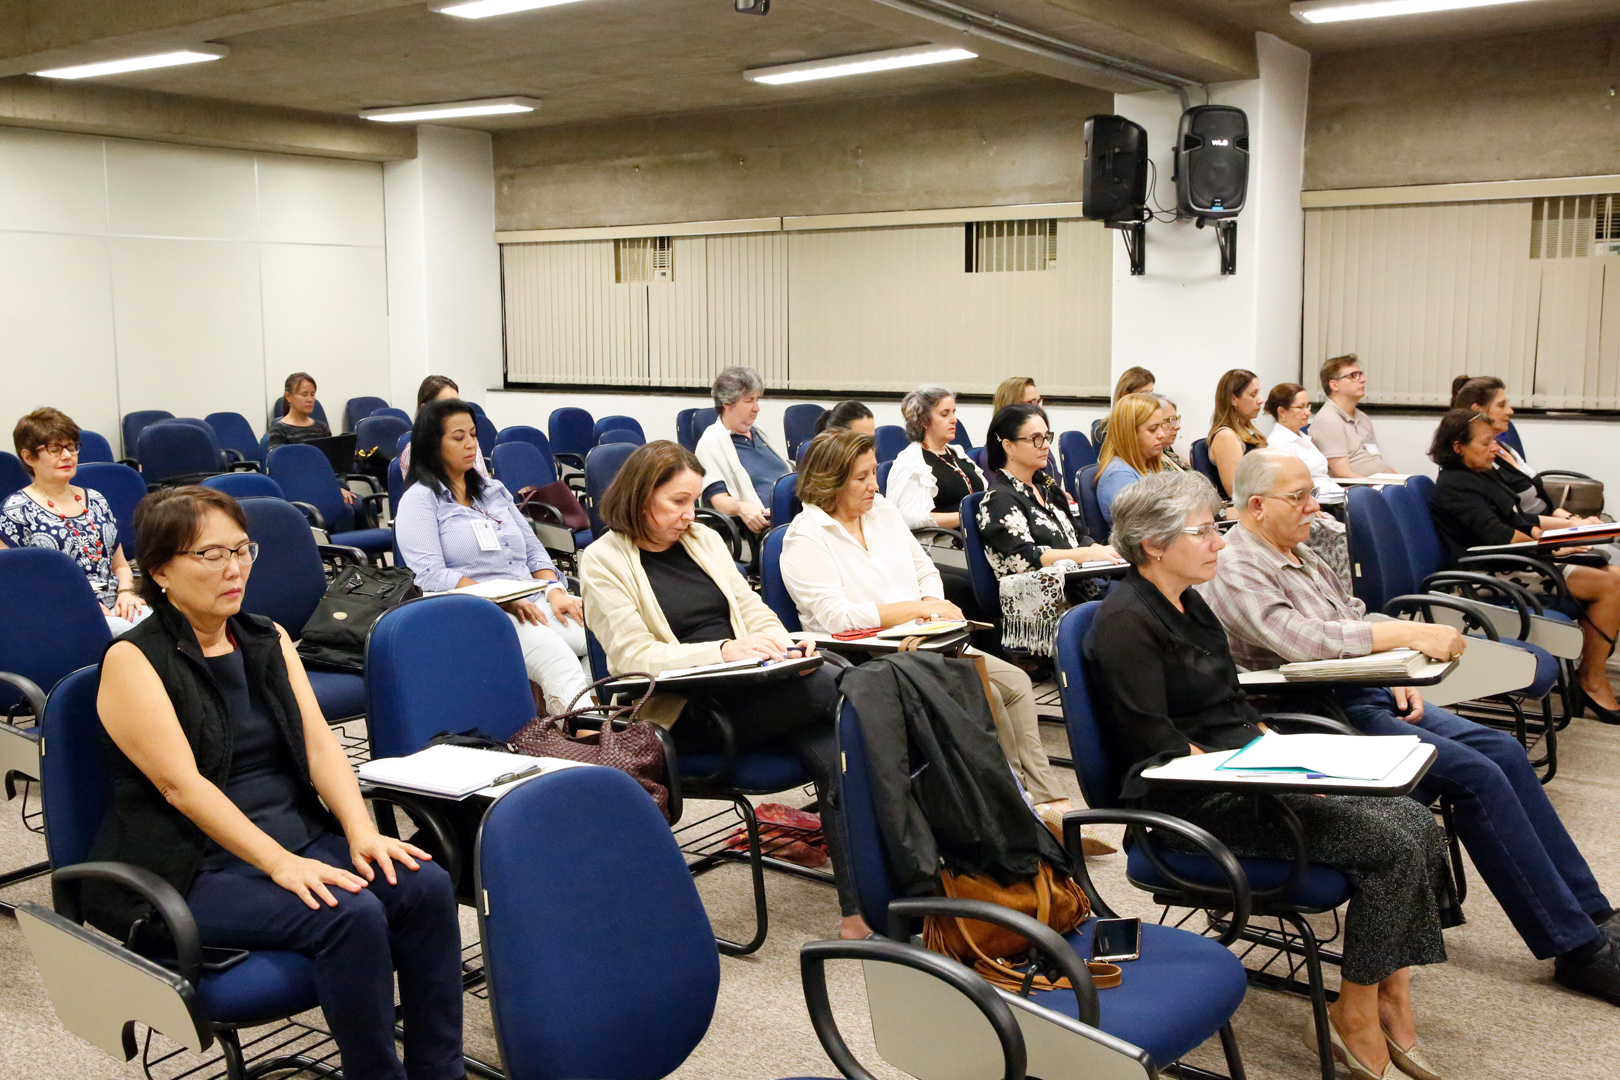 Organização familiar e oficina de pais e filhos são estudadas no 'Curso de aperfeiçoamento em mediação familiar'